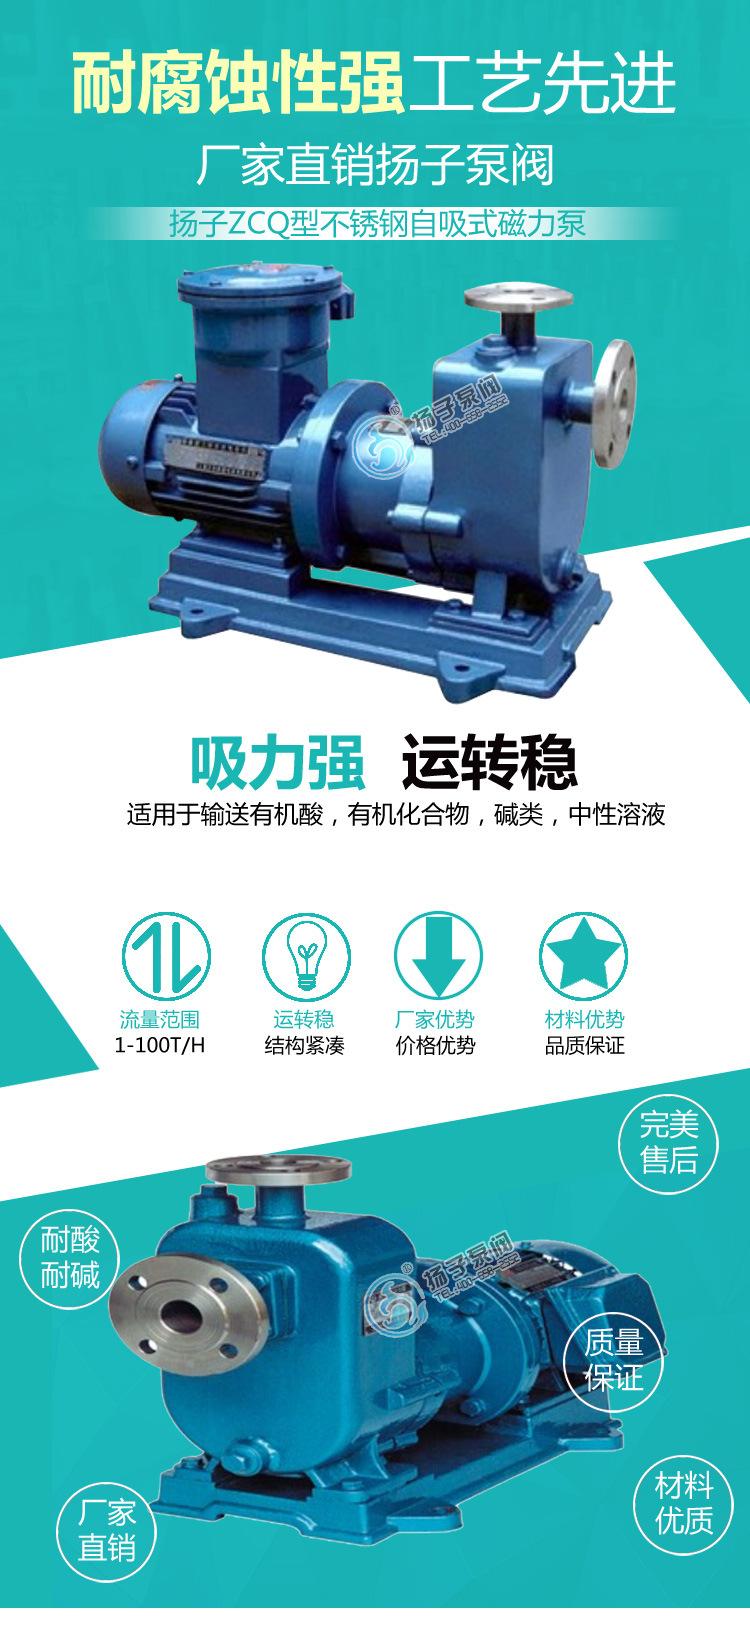 ZCQ不锈钢自吸磁力驱动泵 耐腐蚀磁力泵 304L/316L不锈钢磁力泵示例图1